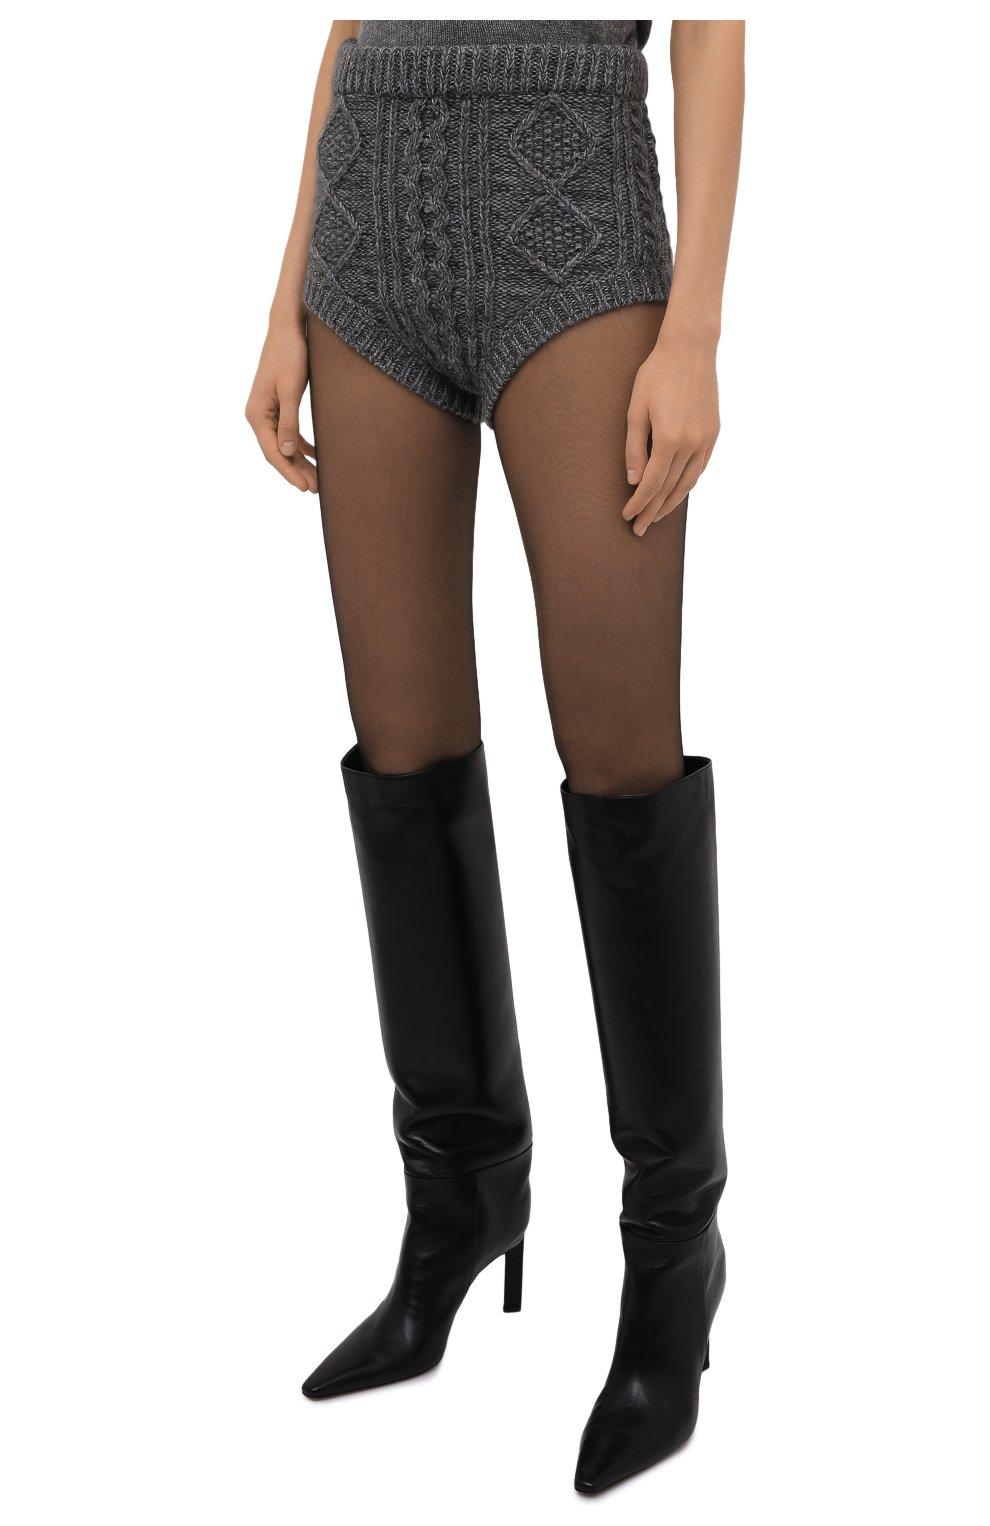 Женские шорты REDVALENTINO темно-серого цвета, арт. WR0KF00E/66S | Фото 3 (Женское Кросс-КТ: Шорты-одежда; Стили: Гламурный; Длина Ж (юбки, платья, шорты): Мини; Материал внешний: Синтетический материал; Кросс-КТ: Трикотаж)